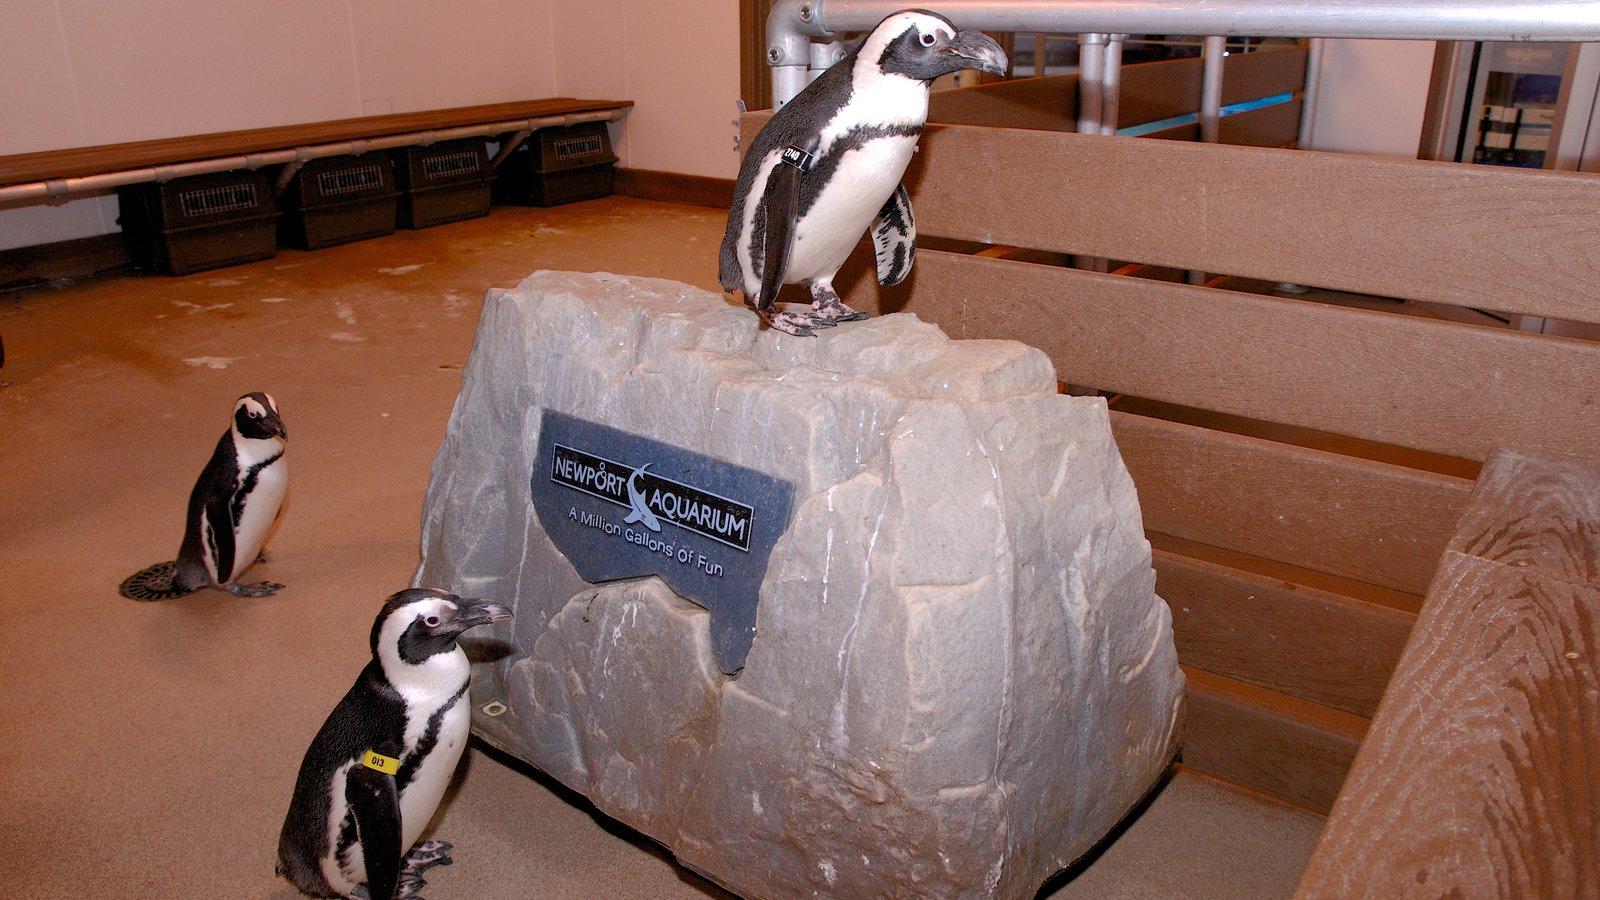 Newport Aquarium que inclui vistas internas, vida das aves e vida marinha